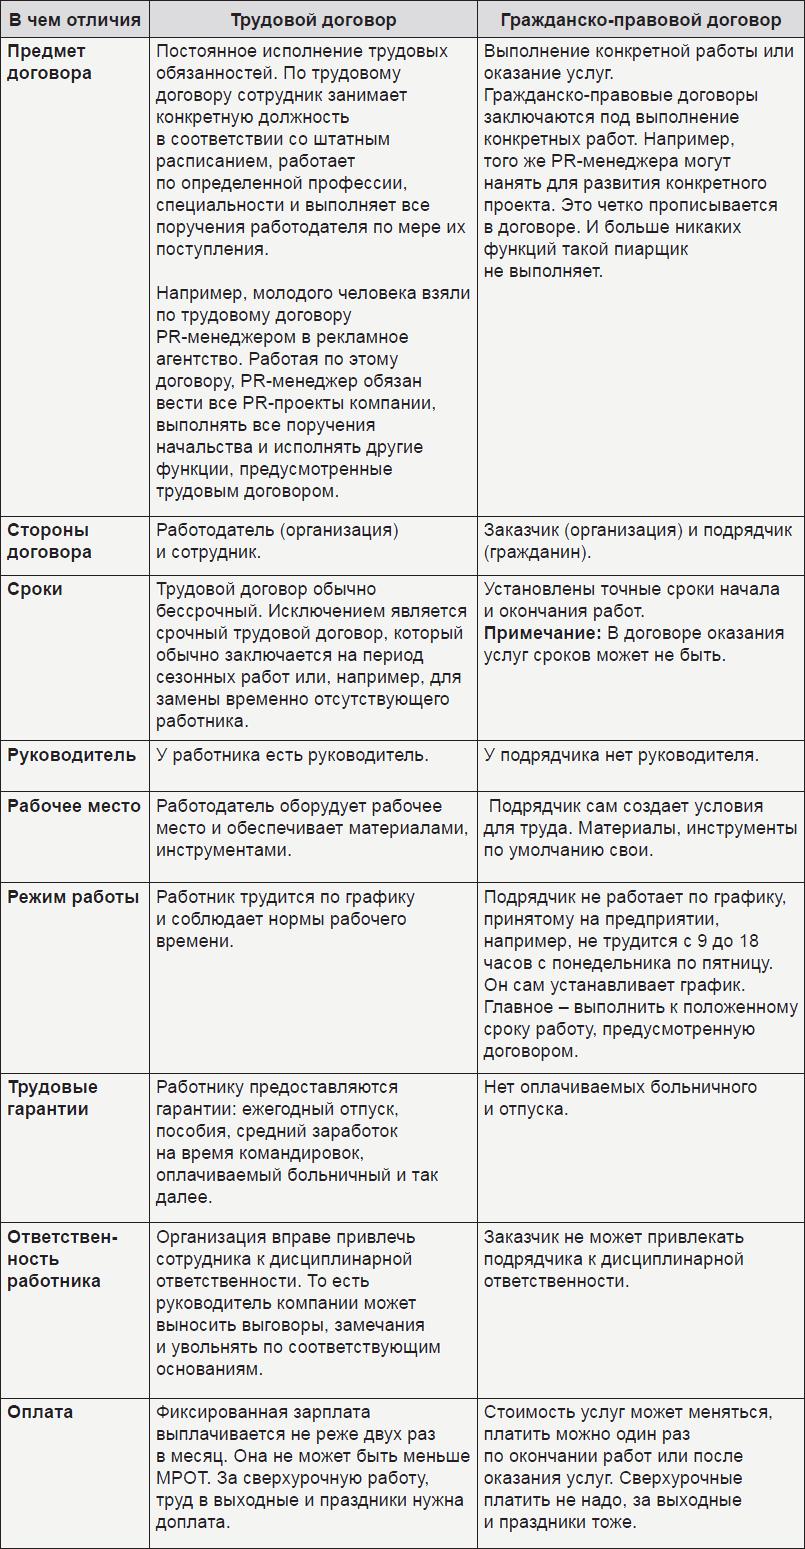 Трудовая книжка и трудовой договор разница документы для кредита в москве Кипренского улица